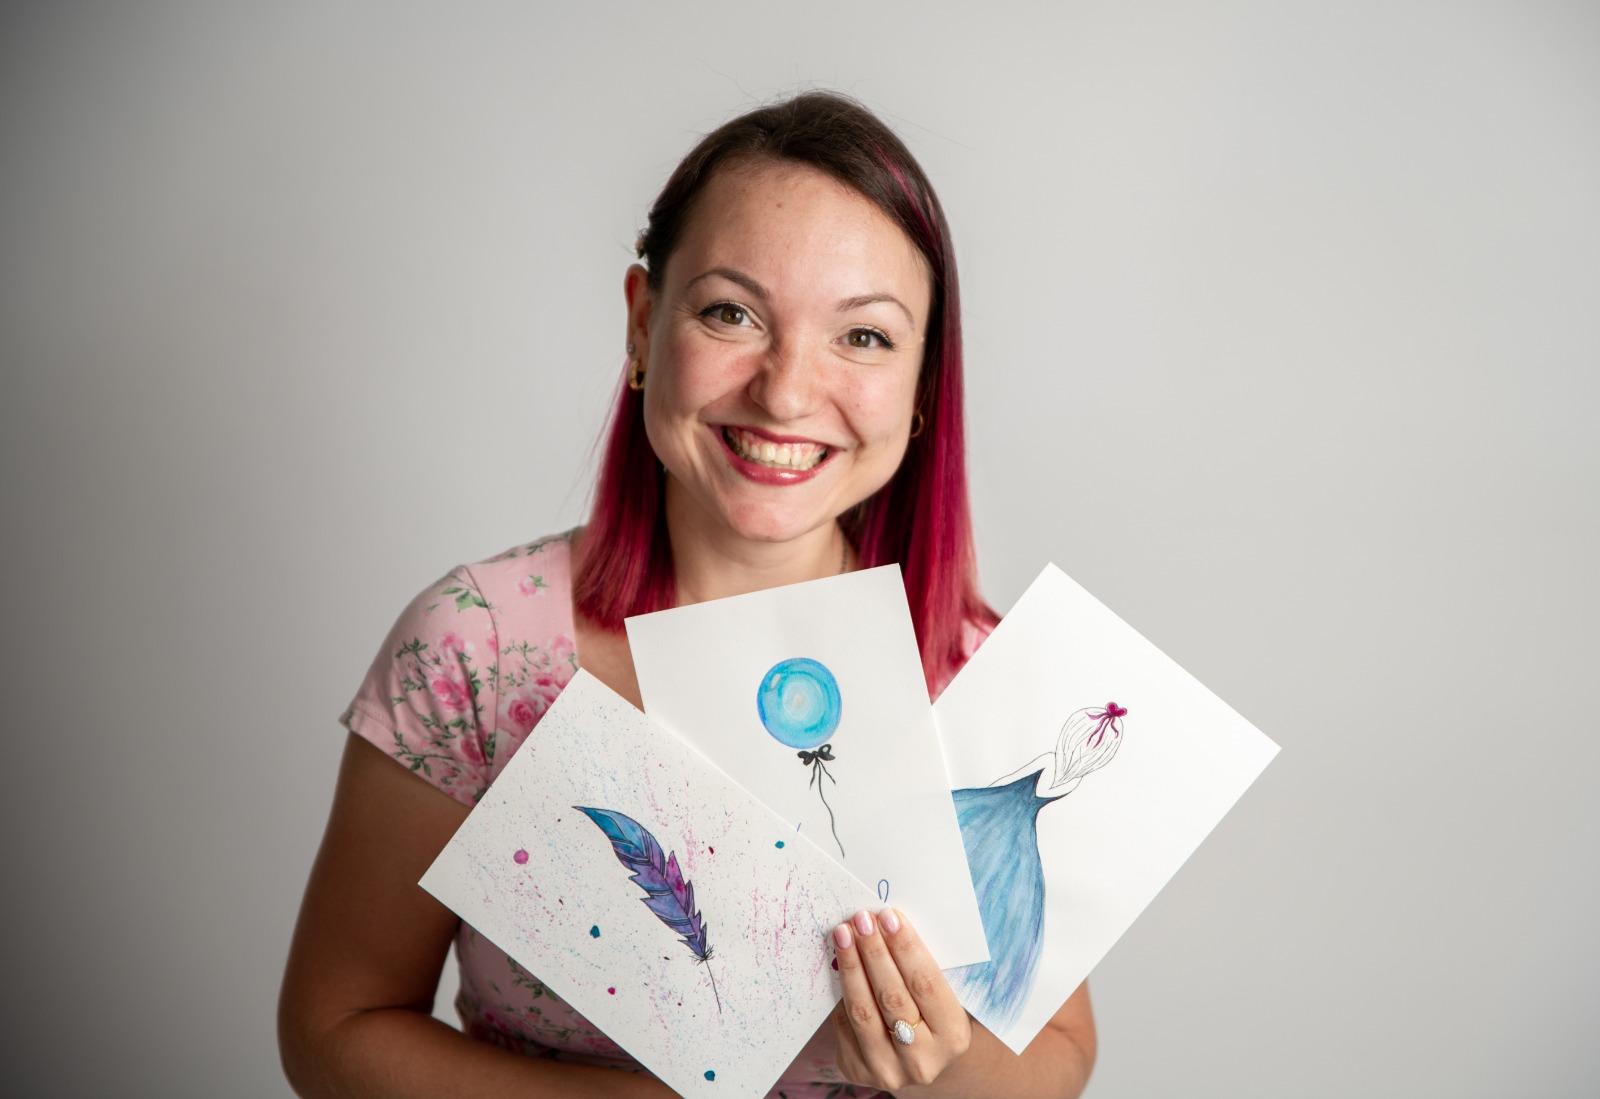 אלונה לסטר יוצרת לוגו מאויר לעסק ומאיירת